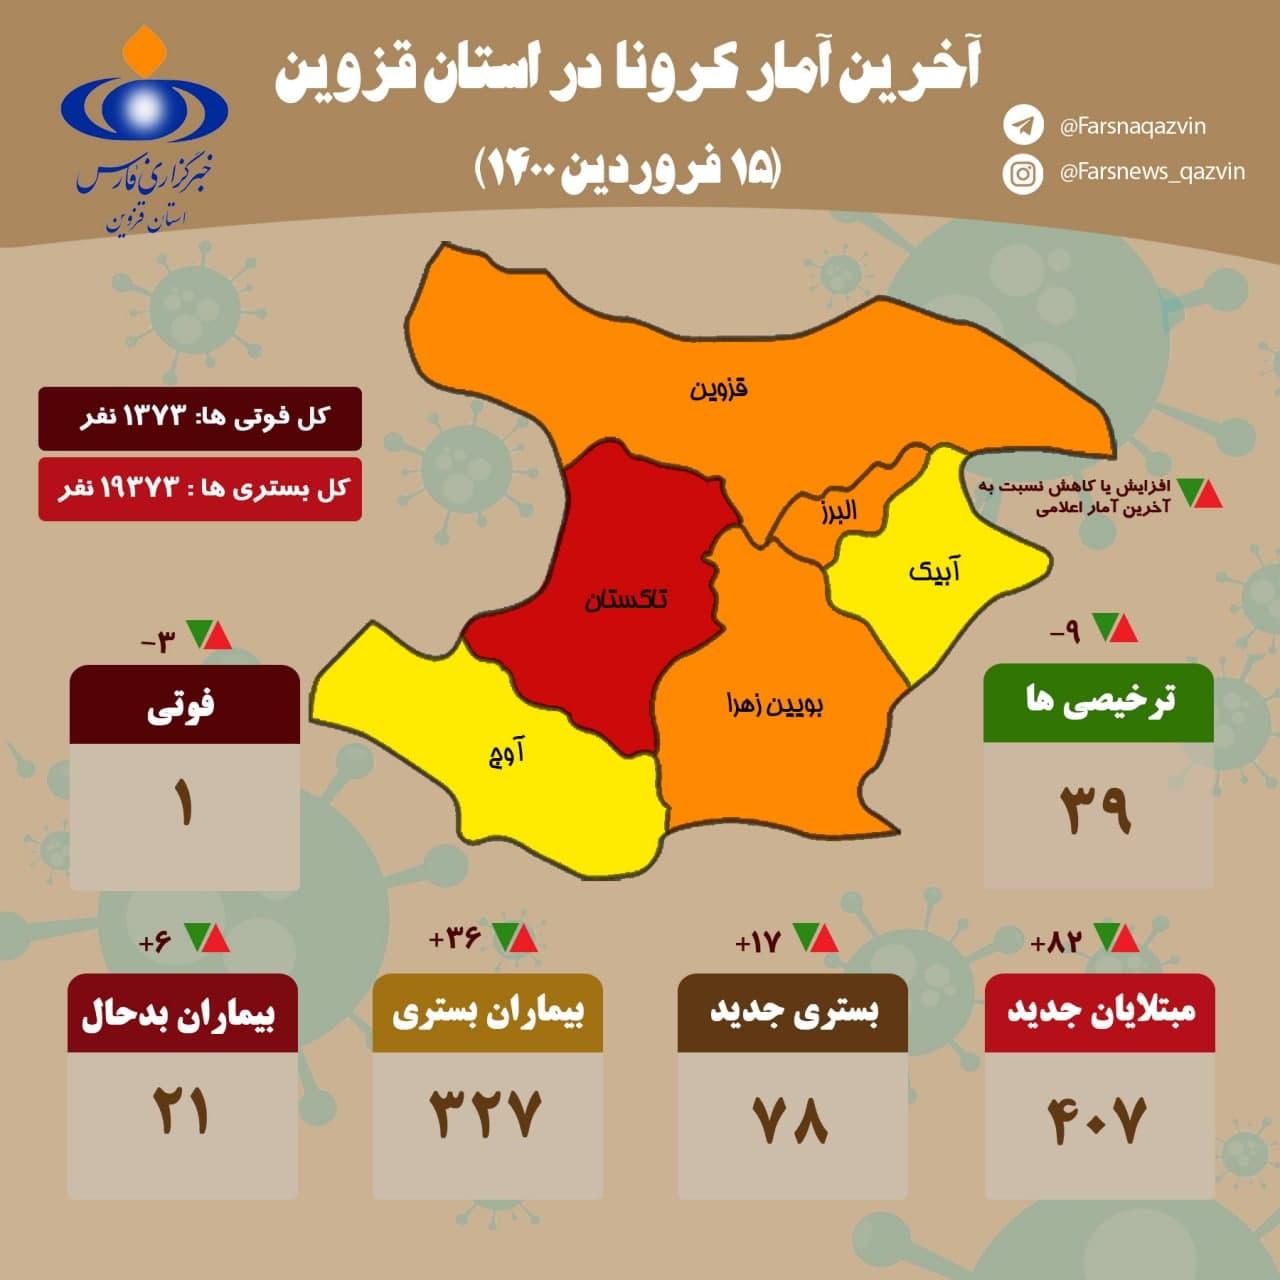 آخرین آمار کرونا در استان قزوین ( ۱۵ فروردین ۱۴۰۰)